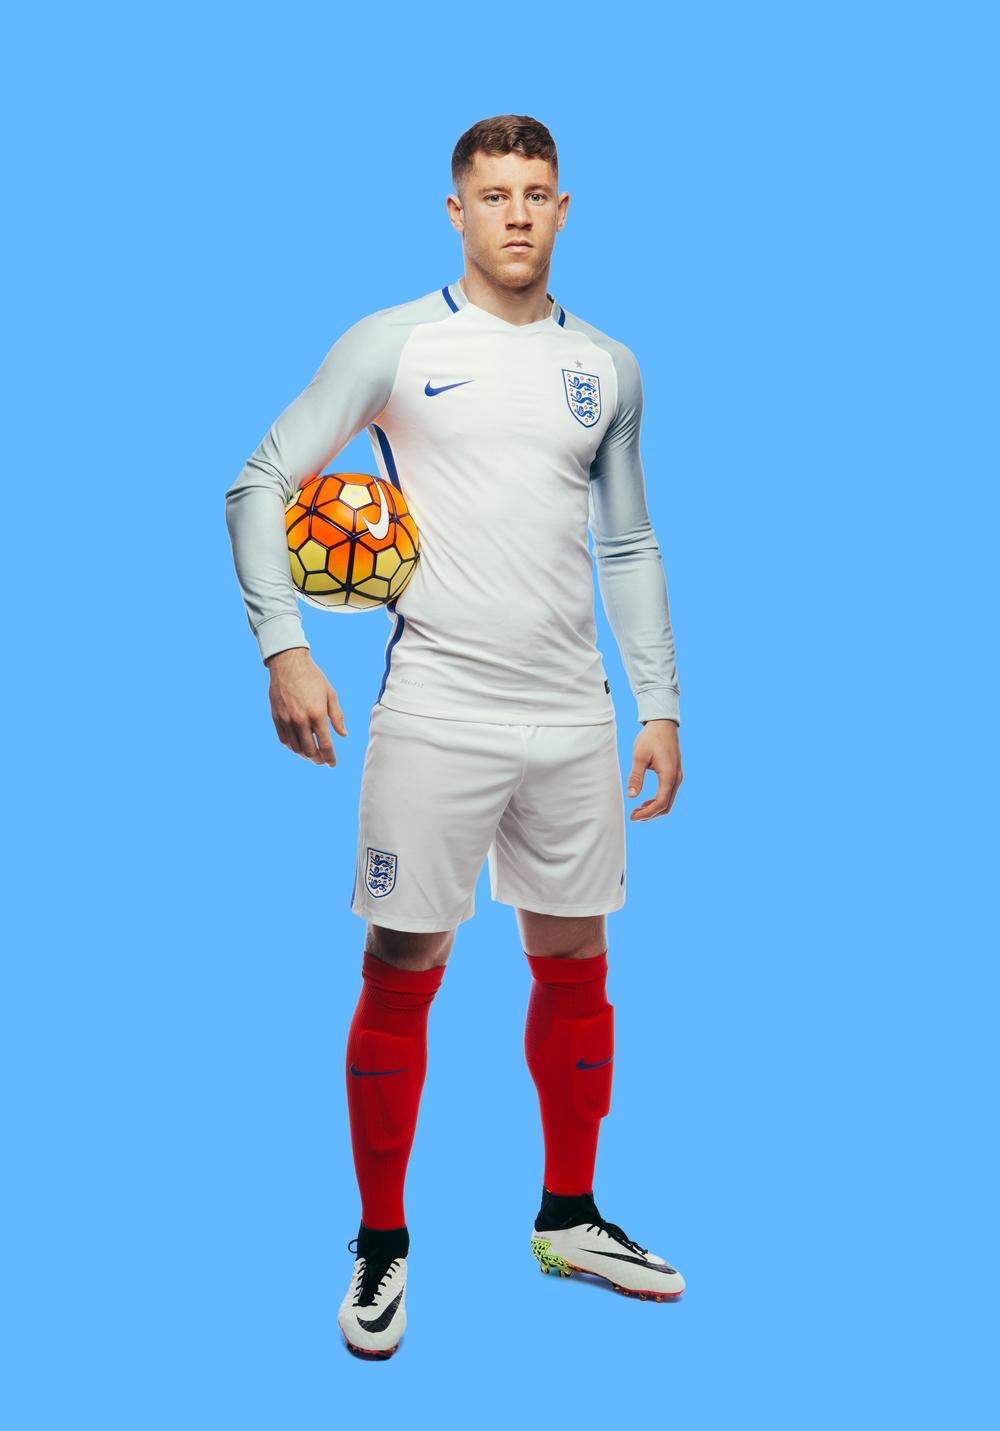 Ross_Eng_Nike-Blue.jpg